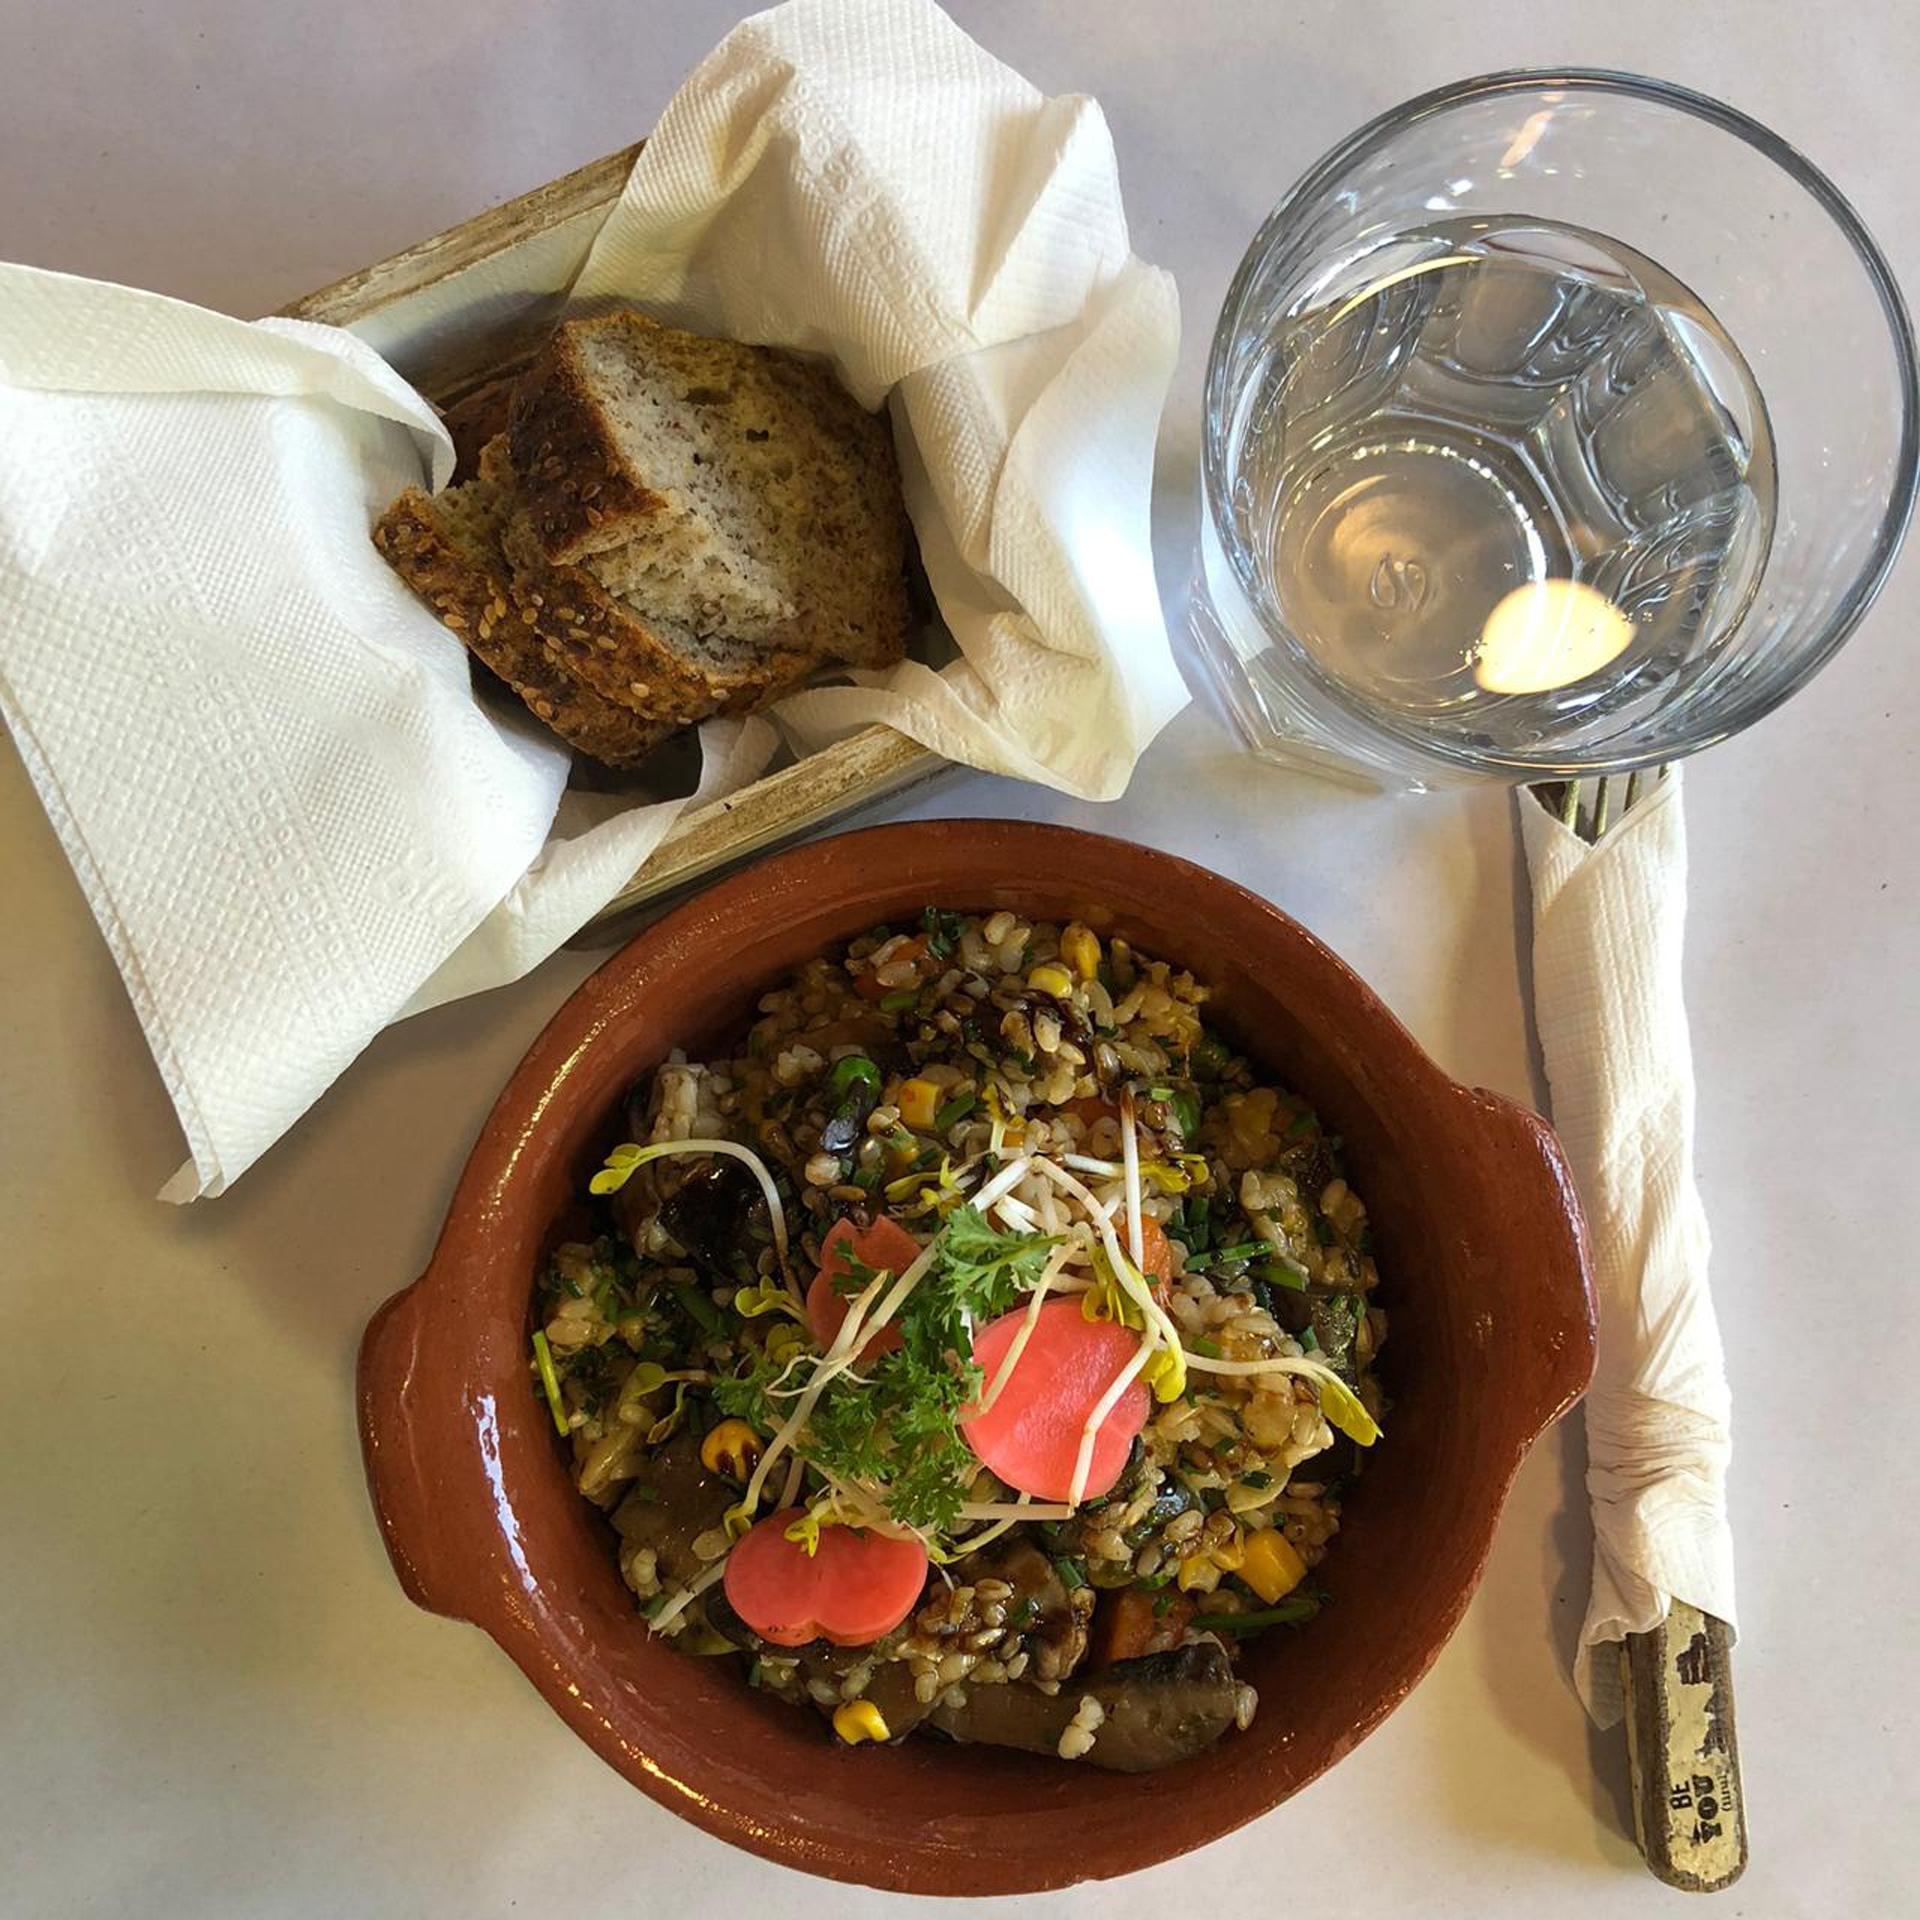 Wok de arroz yamani con vegetales, uno de los platos del día en Despacho de Sabores